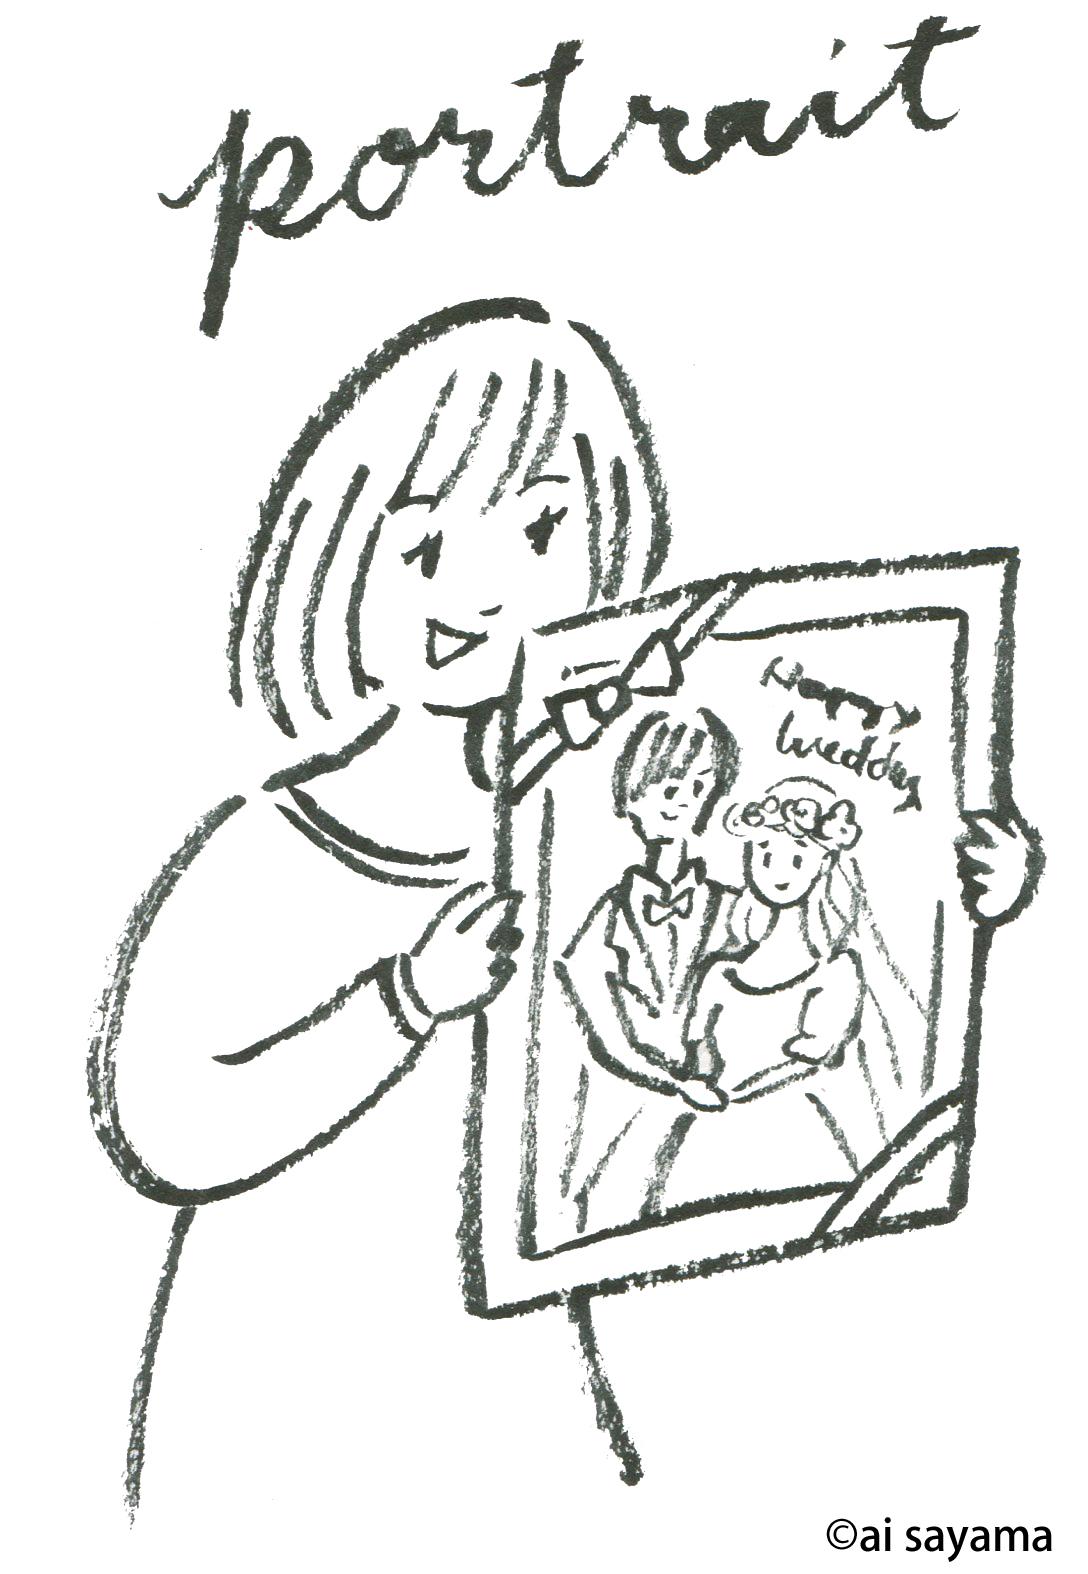 2016/3/12 1日1絵